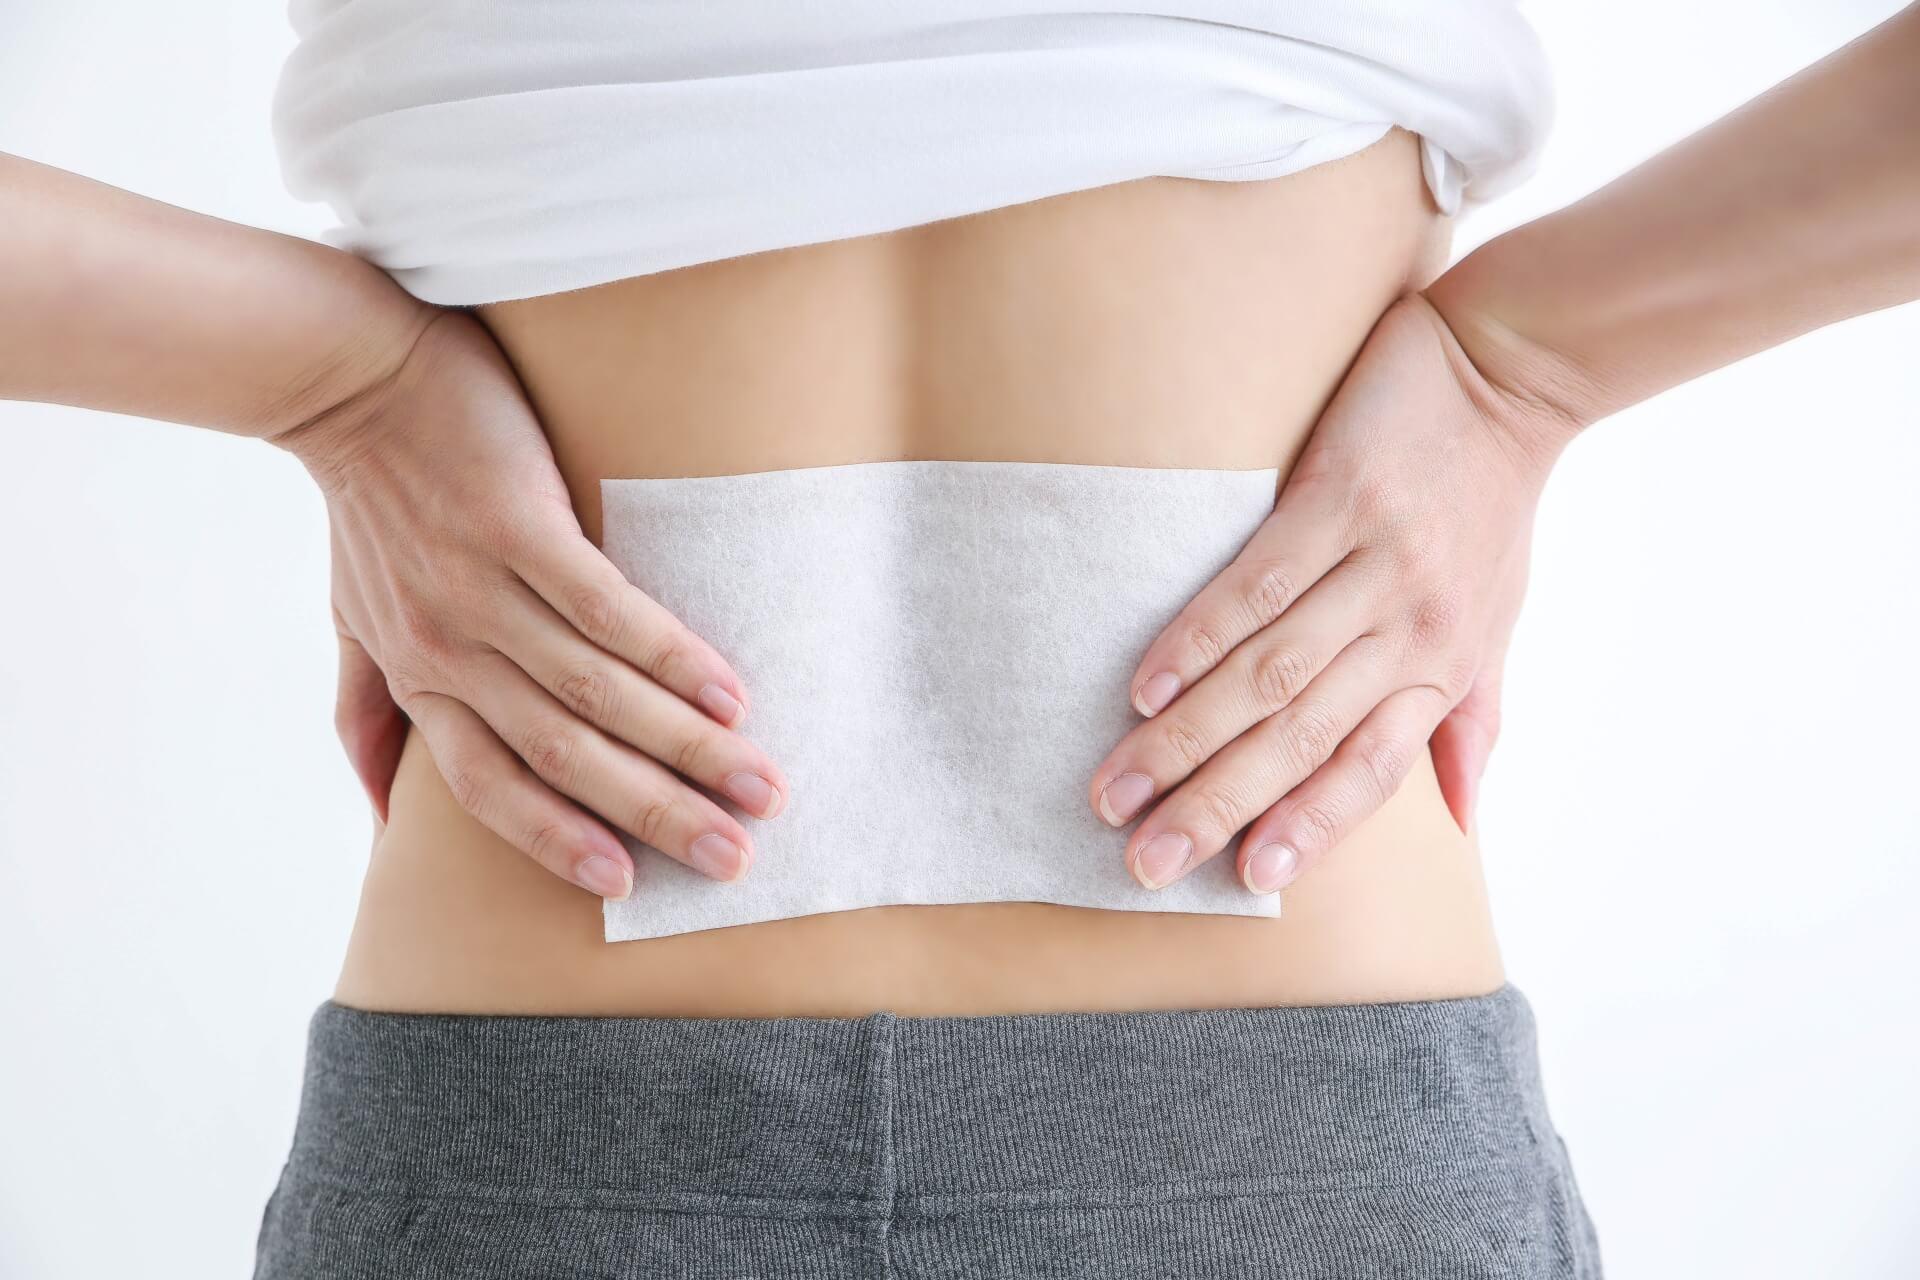 肩こり・腰痛に湿布をしている女性